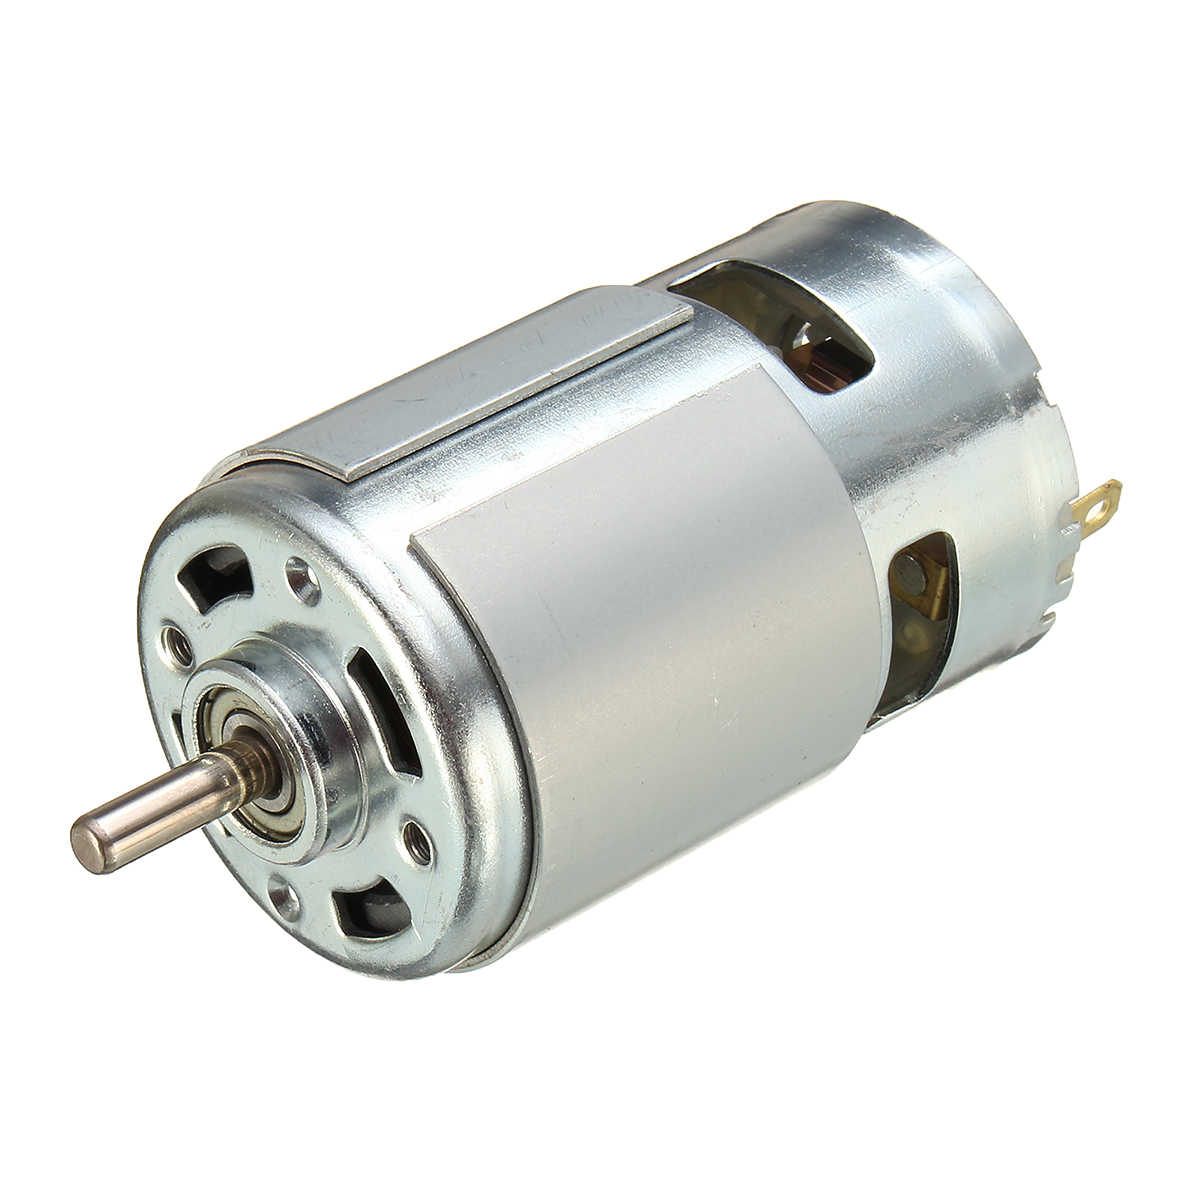 775 DC silnik DC 12 V-36 V 3500--9000rpm łożysko kulkowe duży moment obrotowy wysokiej mocy niski poziom hałasu gorąca sprzedaż element elektroniczny silnik